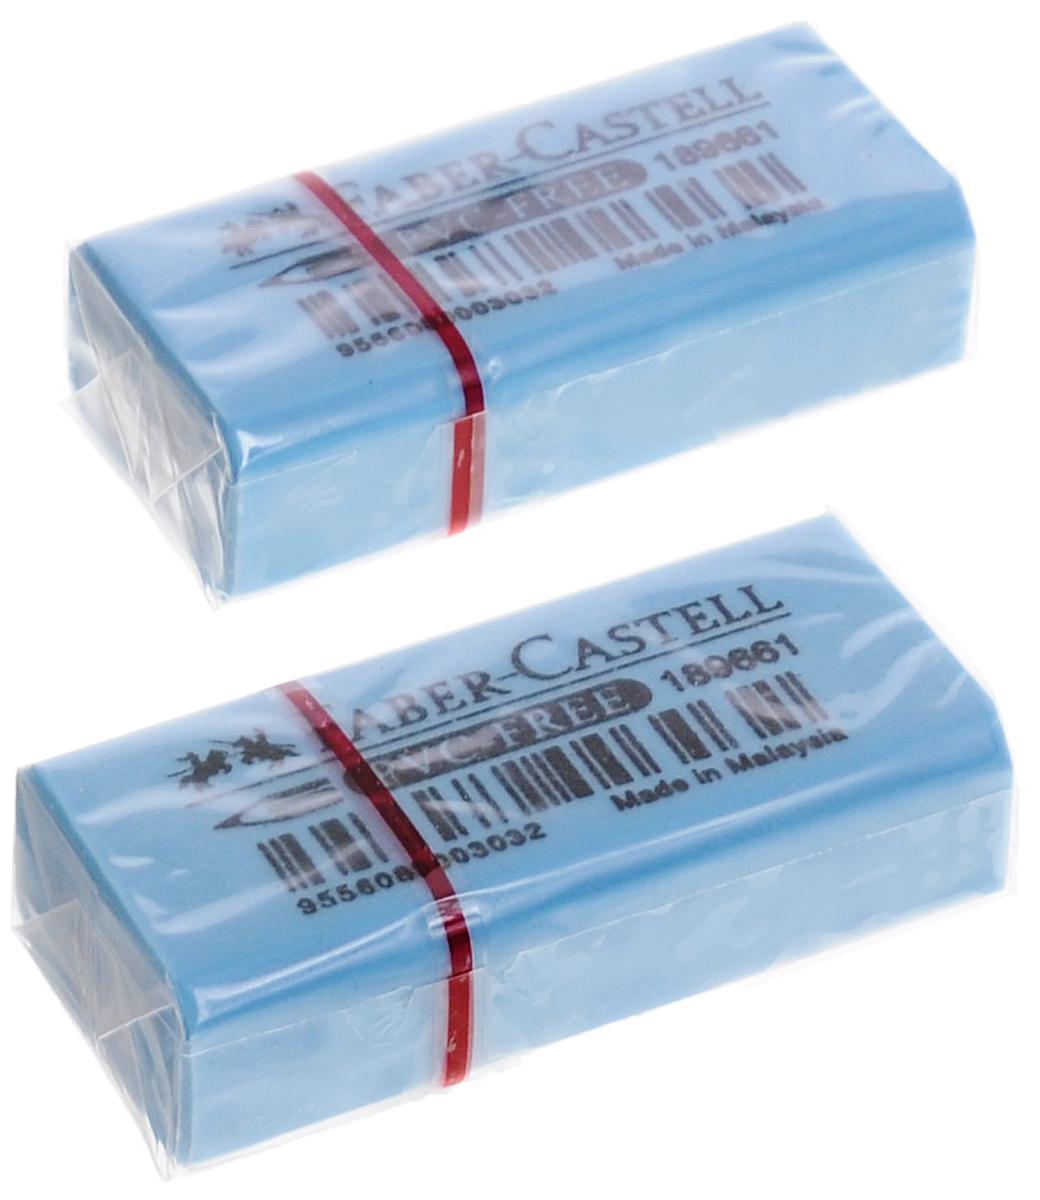 Faber-Castell Ластик флуоресцентный цвет голубой 2 шт263397_голубойЛастик флуоресцентный Faber-Castell станет незаменимым аксессуаром на рабочем столе не только школьника или студента, но и офисного работника. Аккуратный и не оставляет грязных разводов. Кроме того высококачественный ластик не содержит ПВХ. Не повреждает бумагу даже при многократном стирании.В наборе 2 ластика.